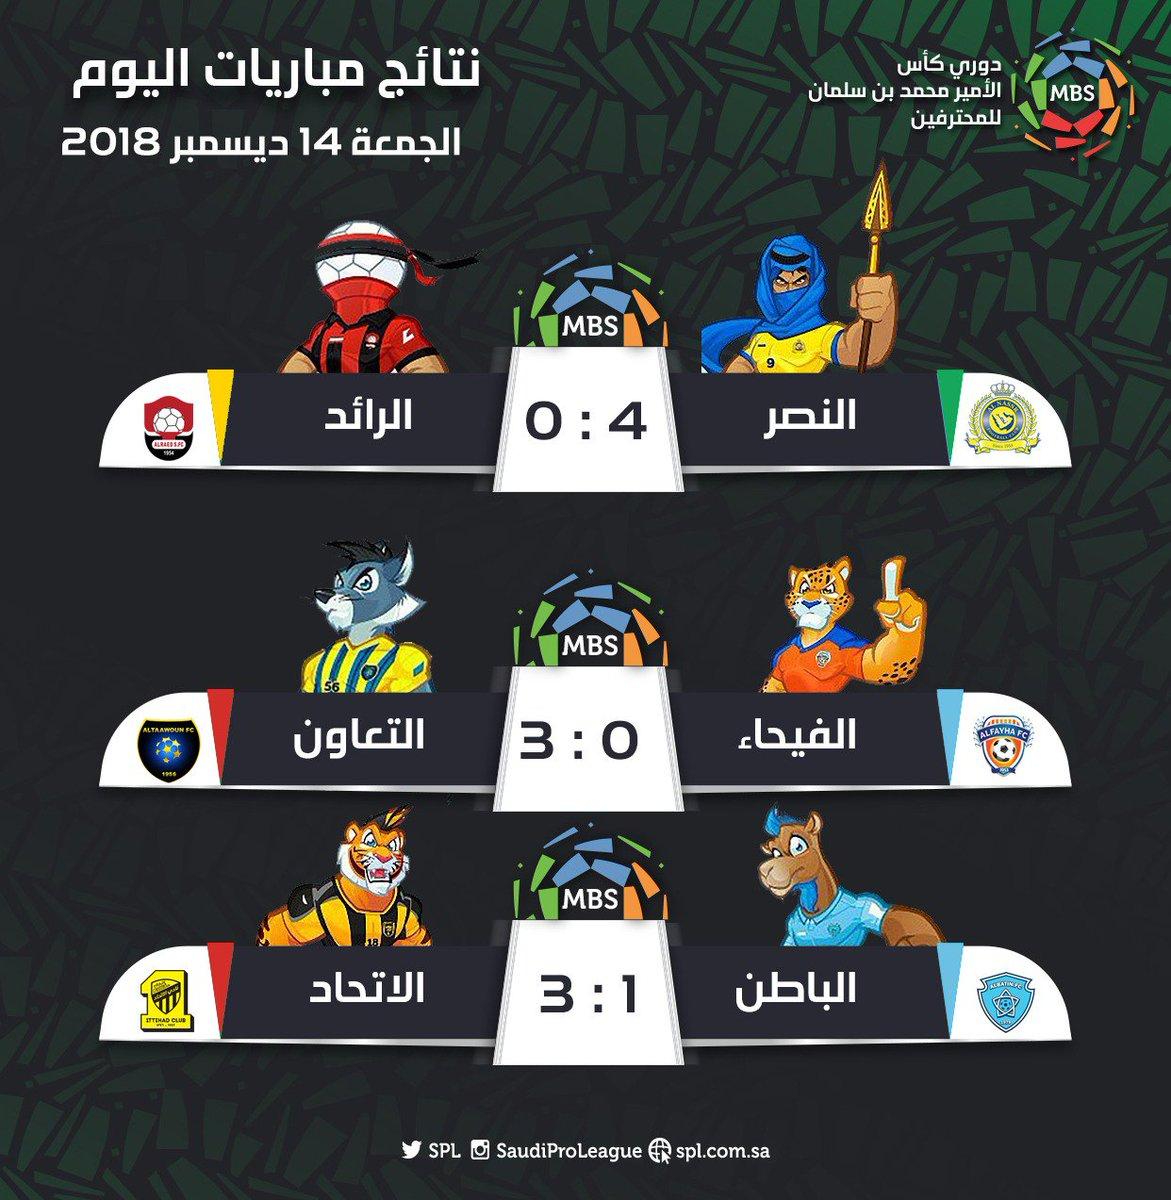 الدوري السعودي للمحترفين På Twitter 3 مباريات 11 هدف